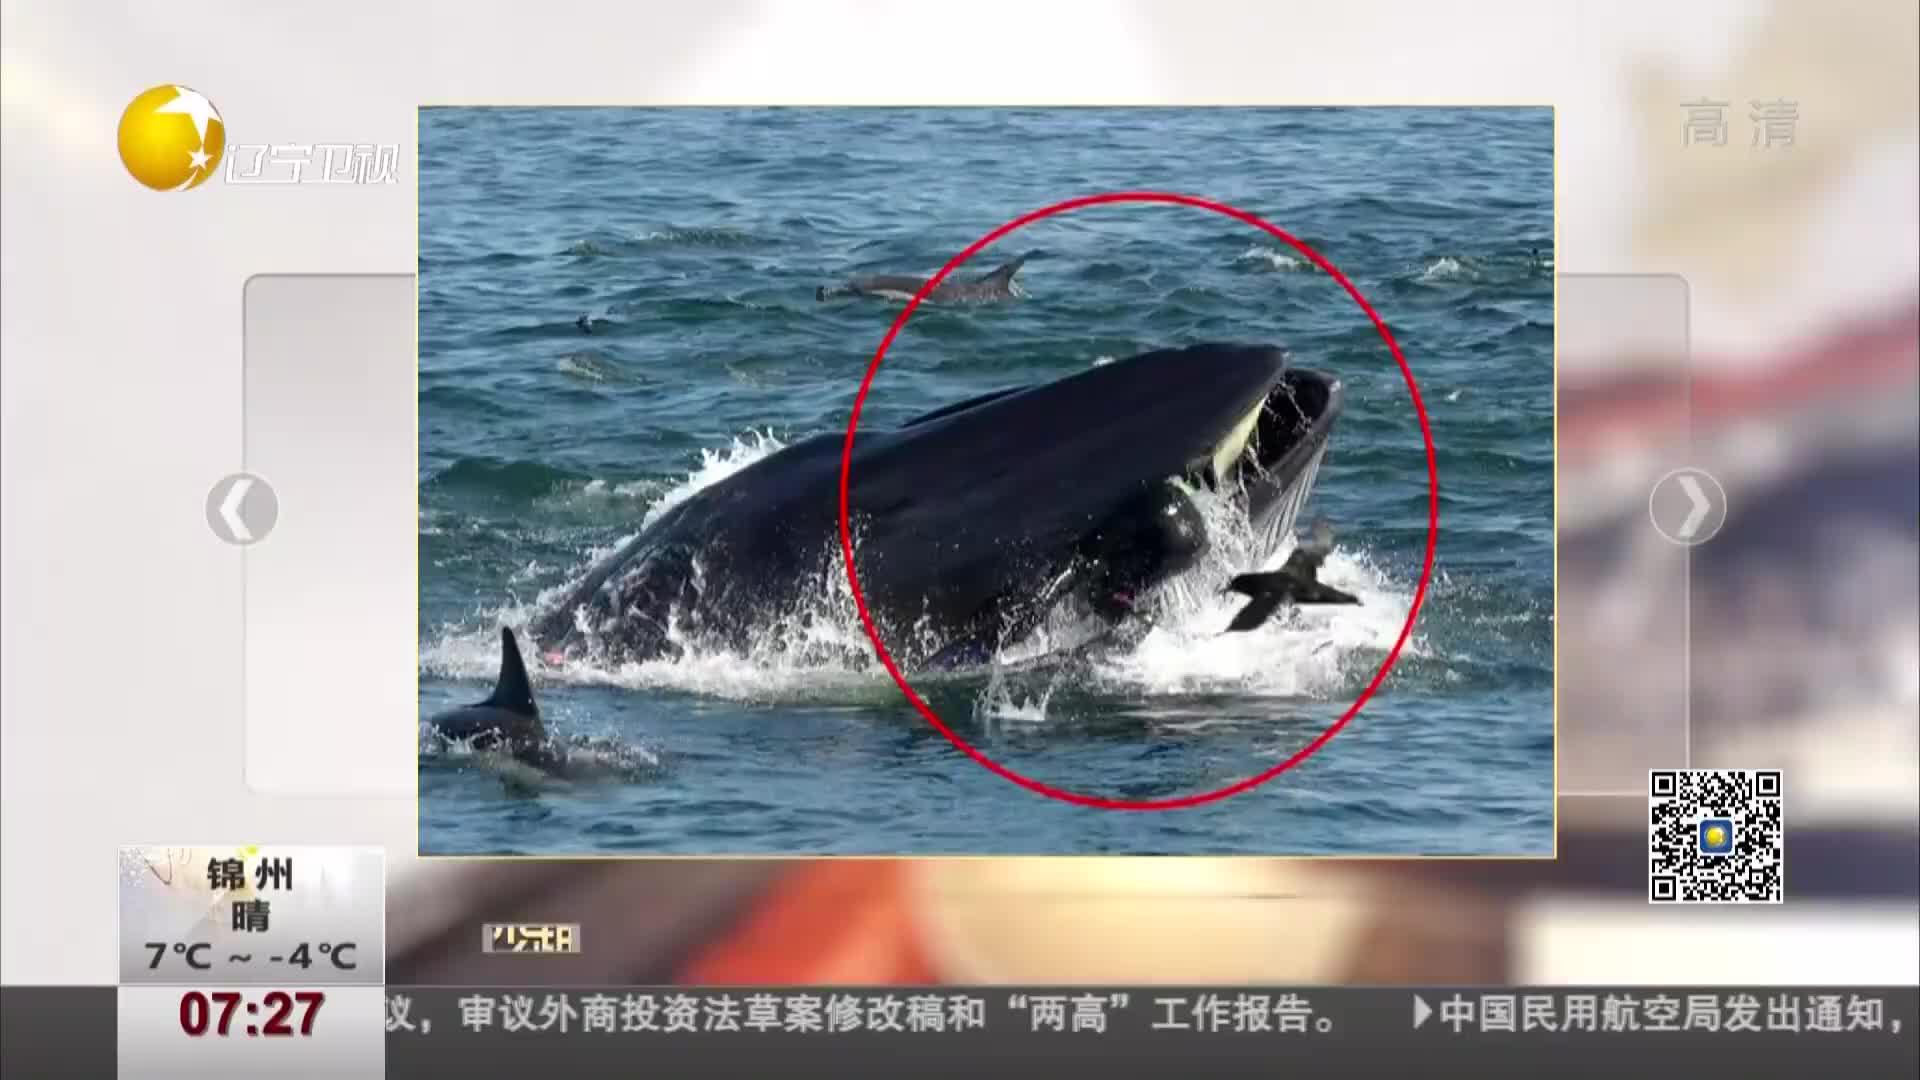 [视频]潜水员被鲸鱼吞入又吐出